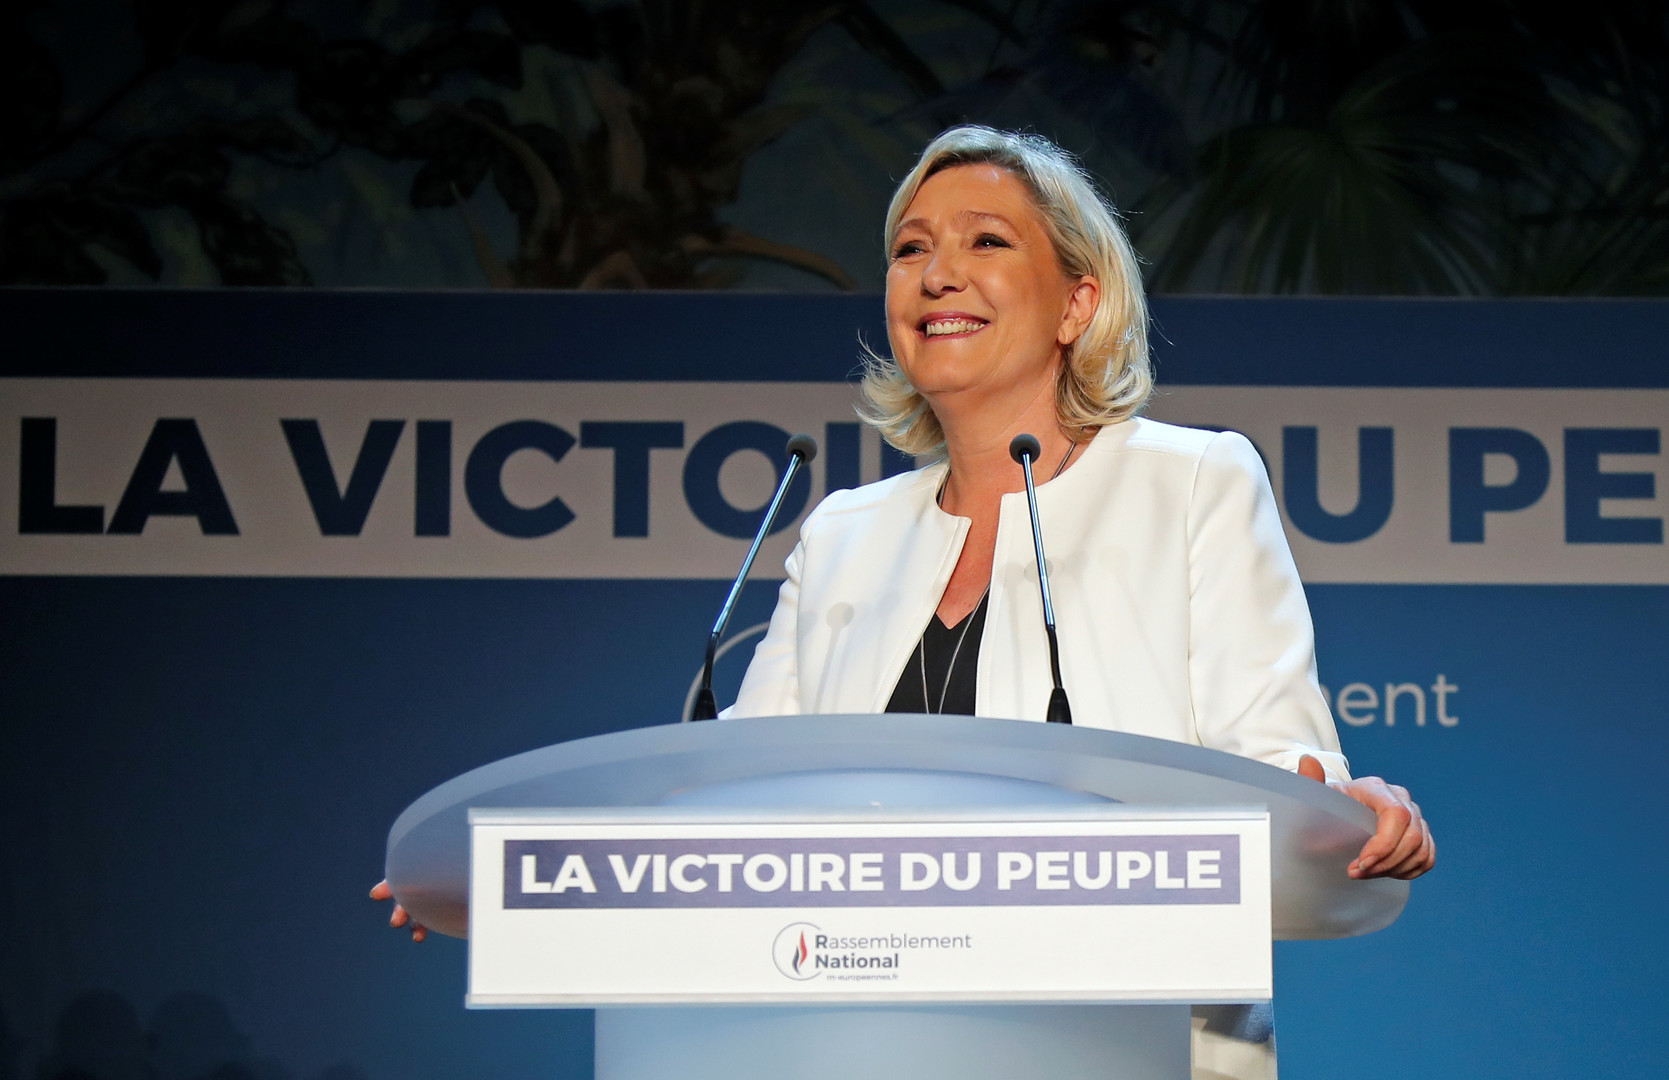 """مارين لوبان، زعيمة حزب """"التجمع الوطني"""" اليميني المتطرف الفرنسي (الجبهة الوطنية سابقا)"""